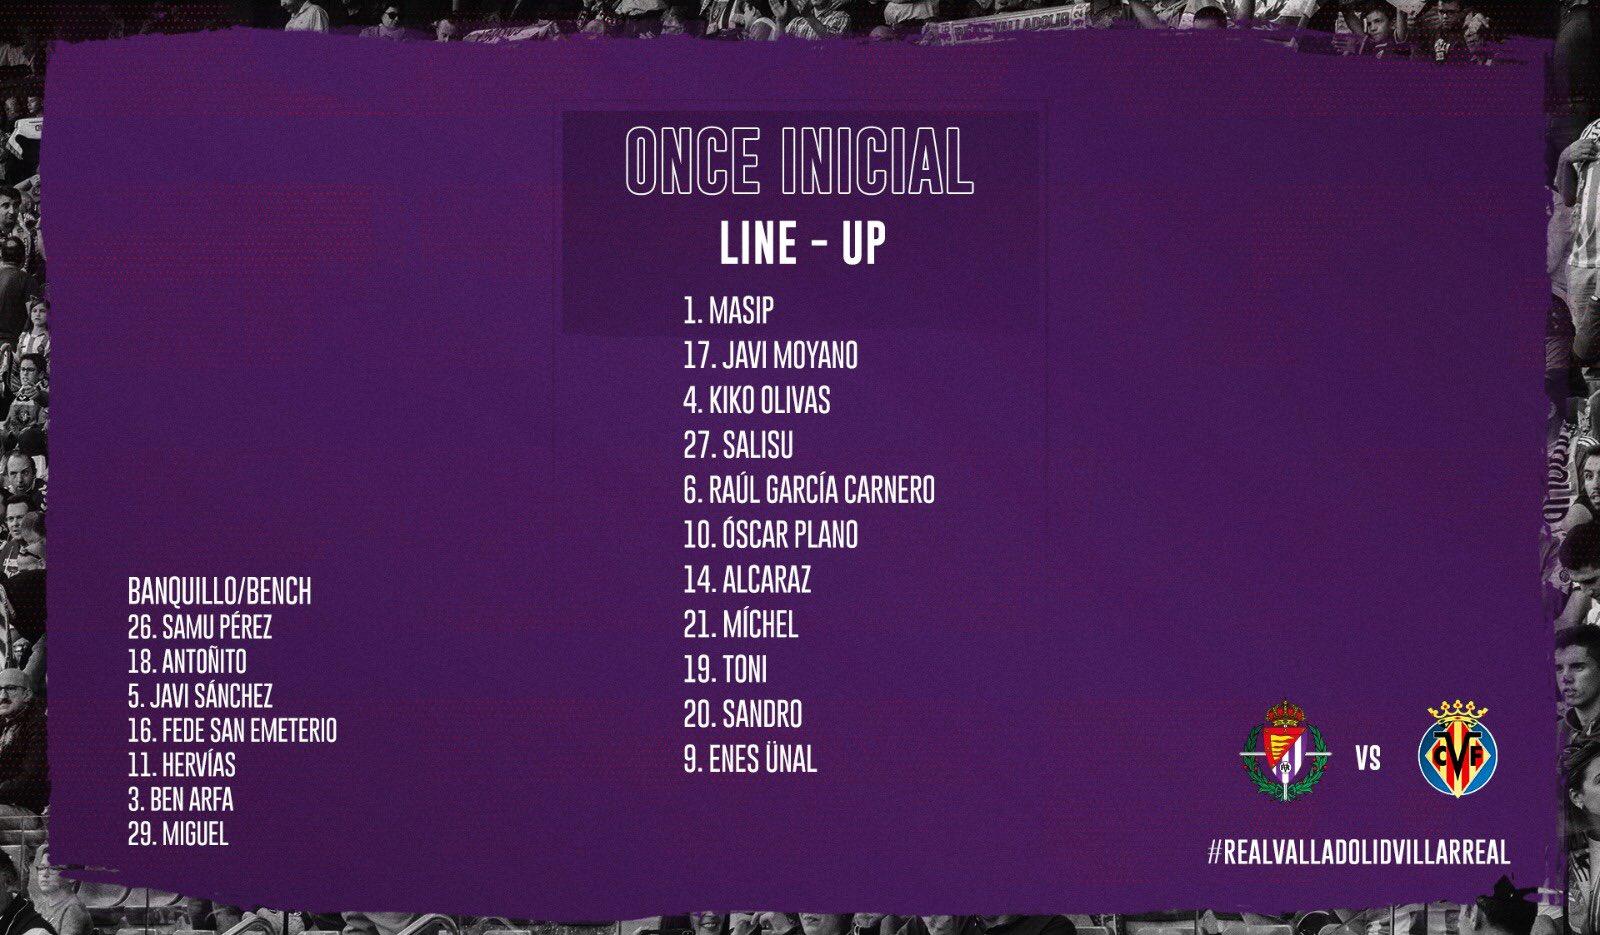 Real Valladolid C.F. - Villarreal C.F. Sábado 8 de Febrero. 18:30 - Página 2 Div>